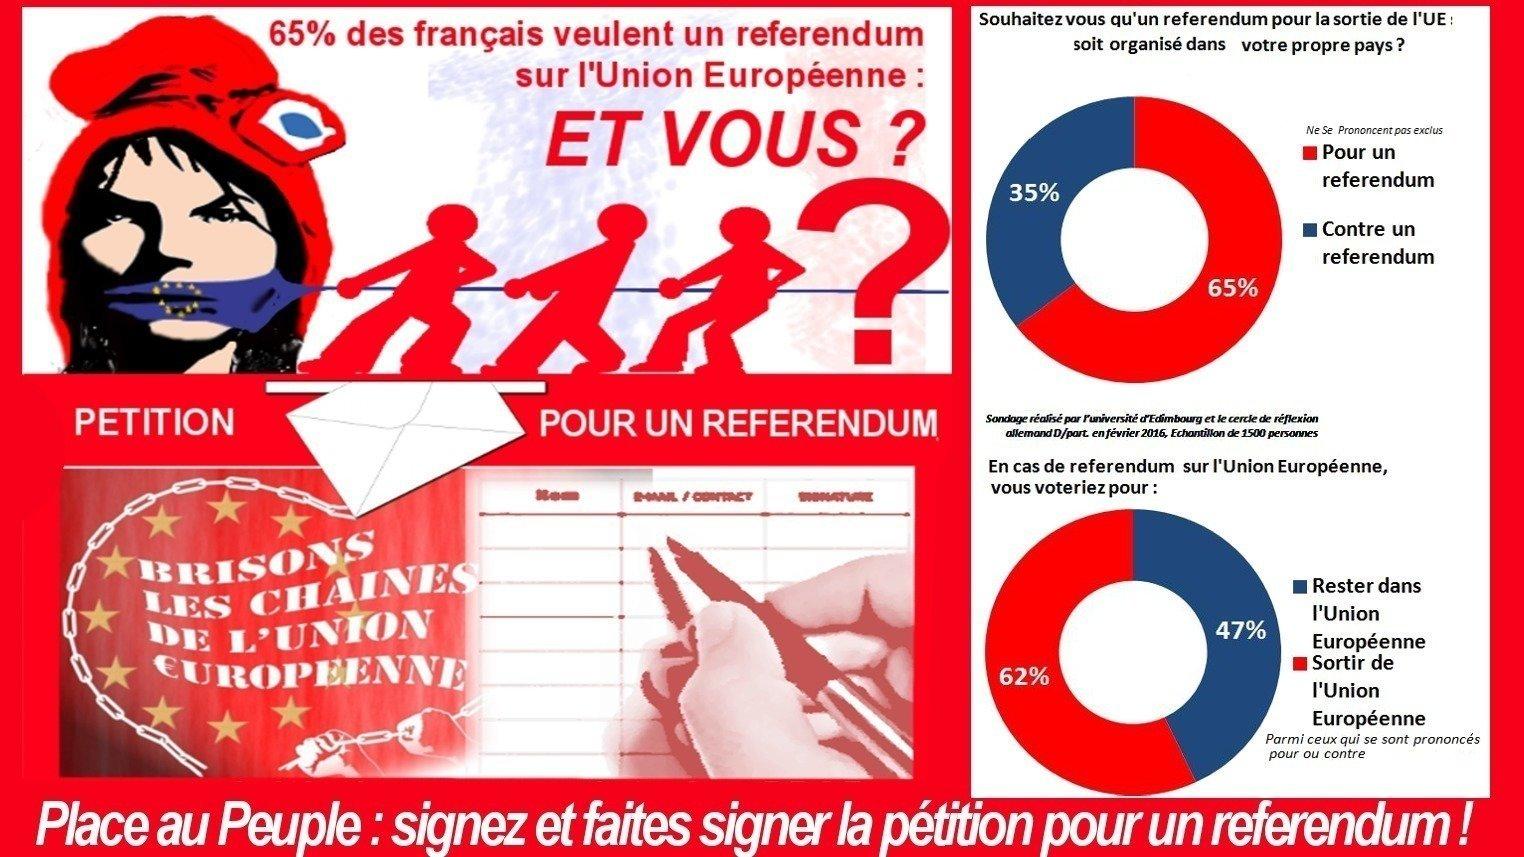 Petition pr sident de la r publique pour un referendum - La chambre des preteurs de l union europeenne ...